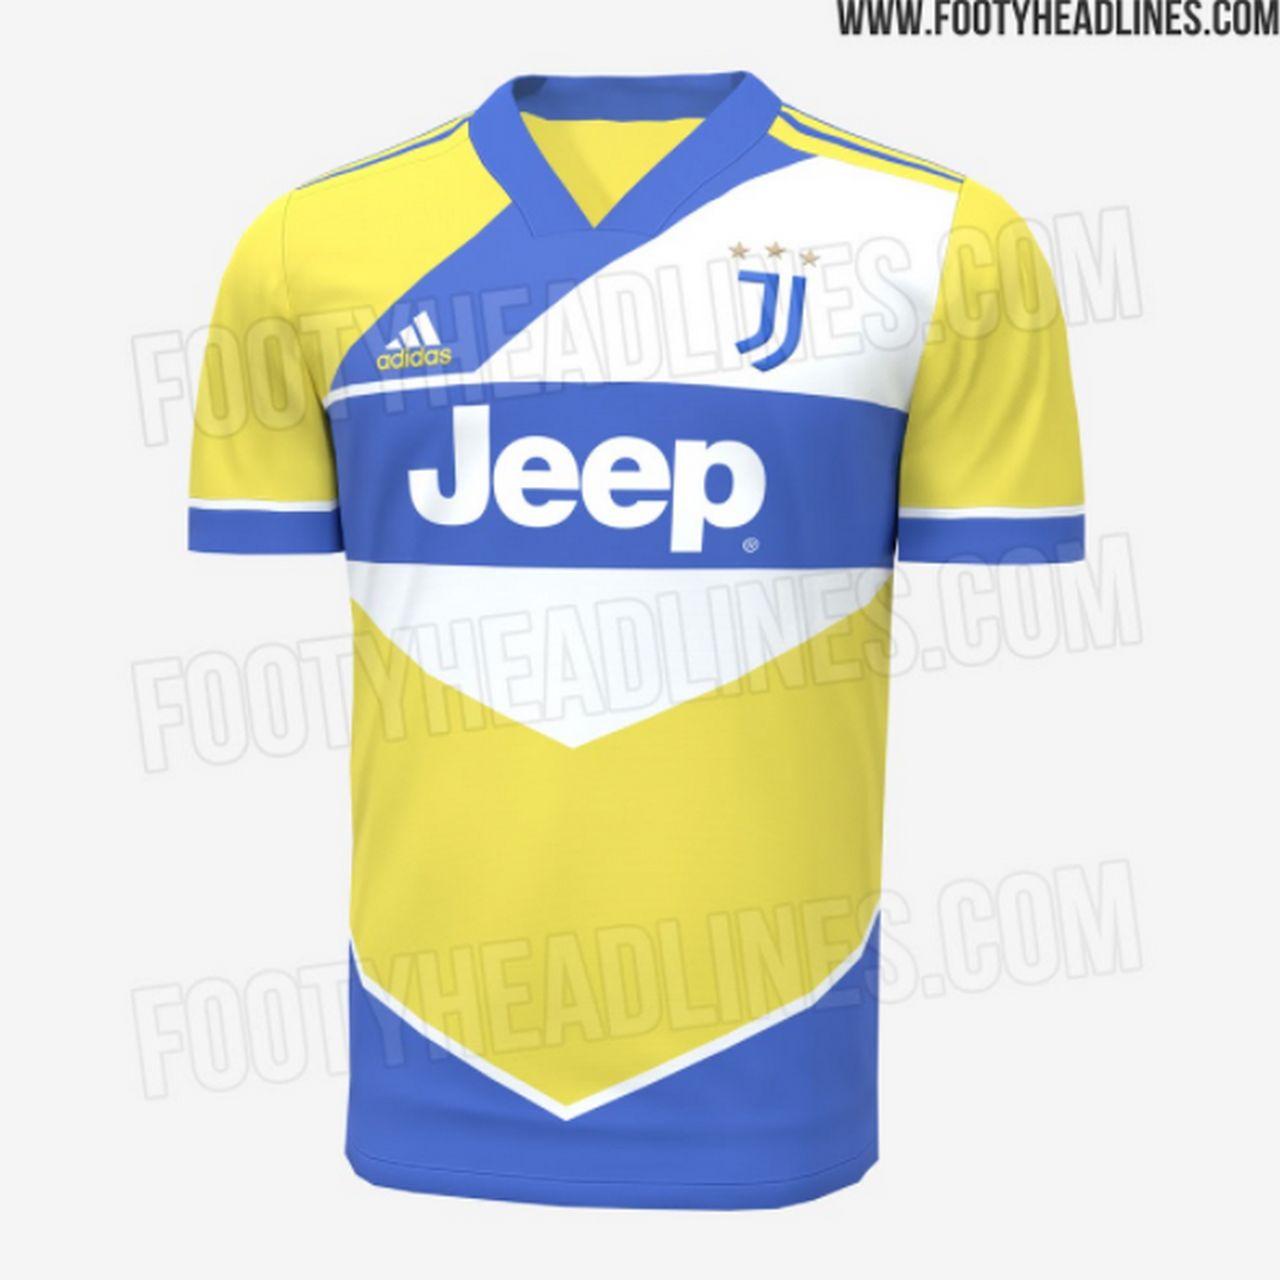 Terza maglia Juventus 2021-2022: tornano i colori gialloblu (FOTO)